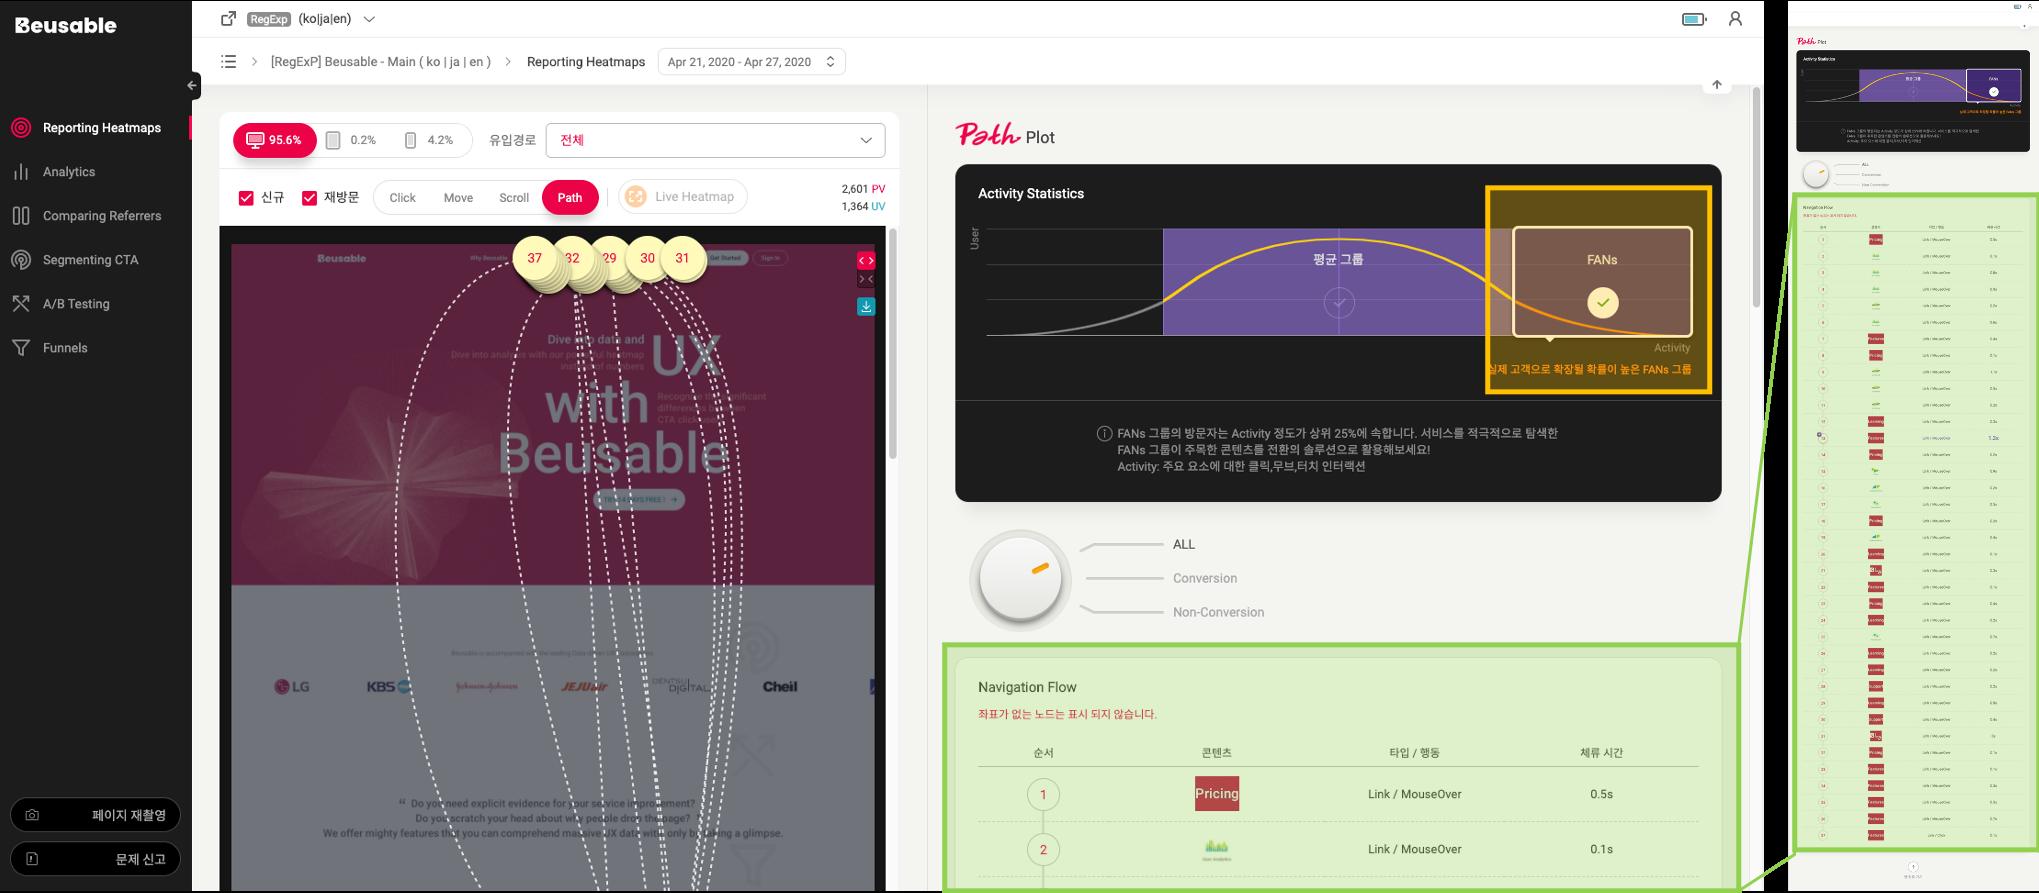 Path-plot의 Activity Statistics에서 FANs를 선택하고 Navigation Flow를 강조한 화면입니다.